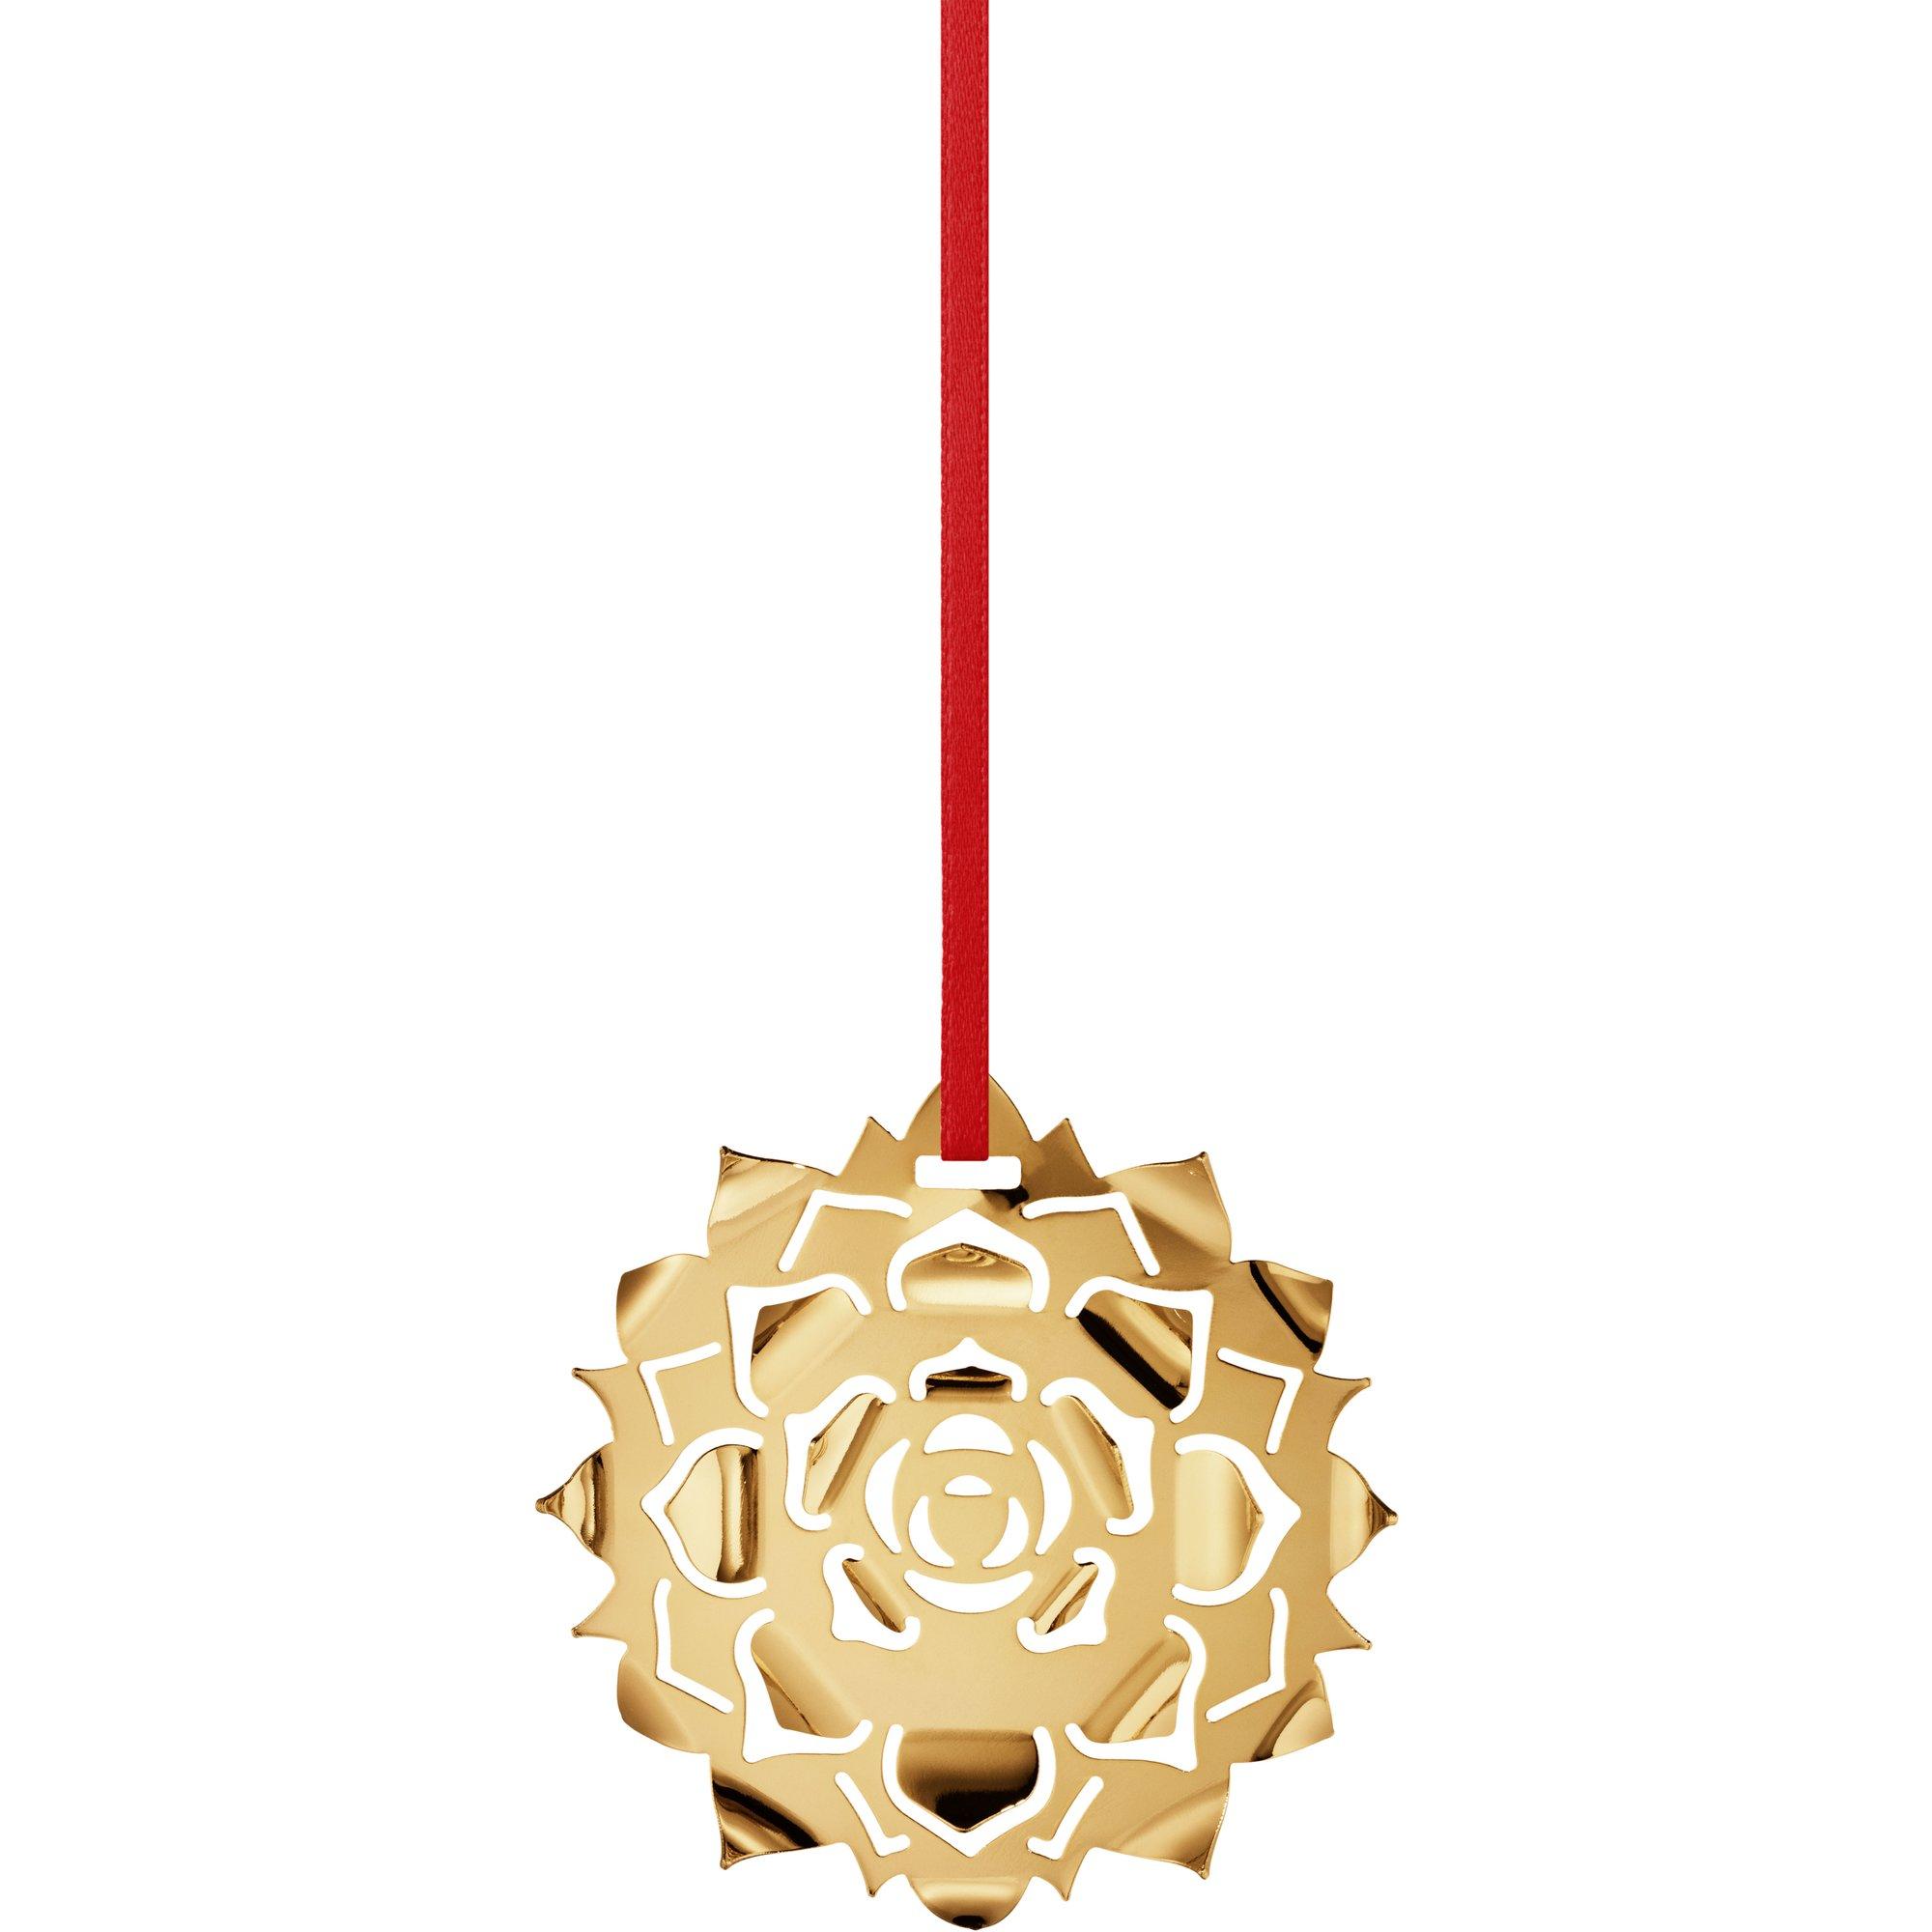 Georg Jensen 2020 Ornament Ice Rosette